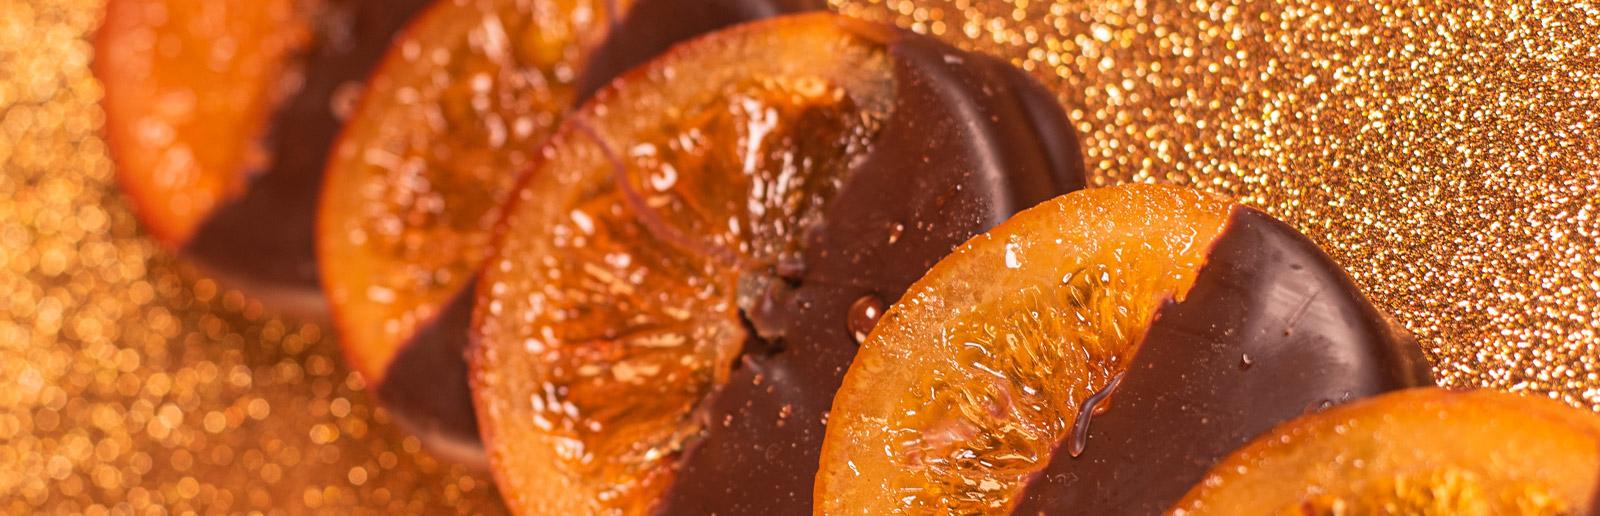 naranja-choco